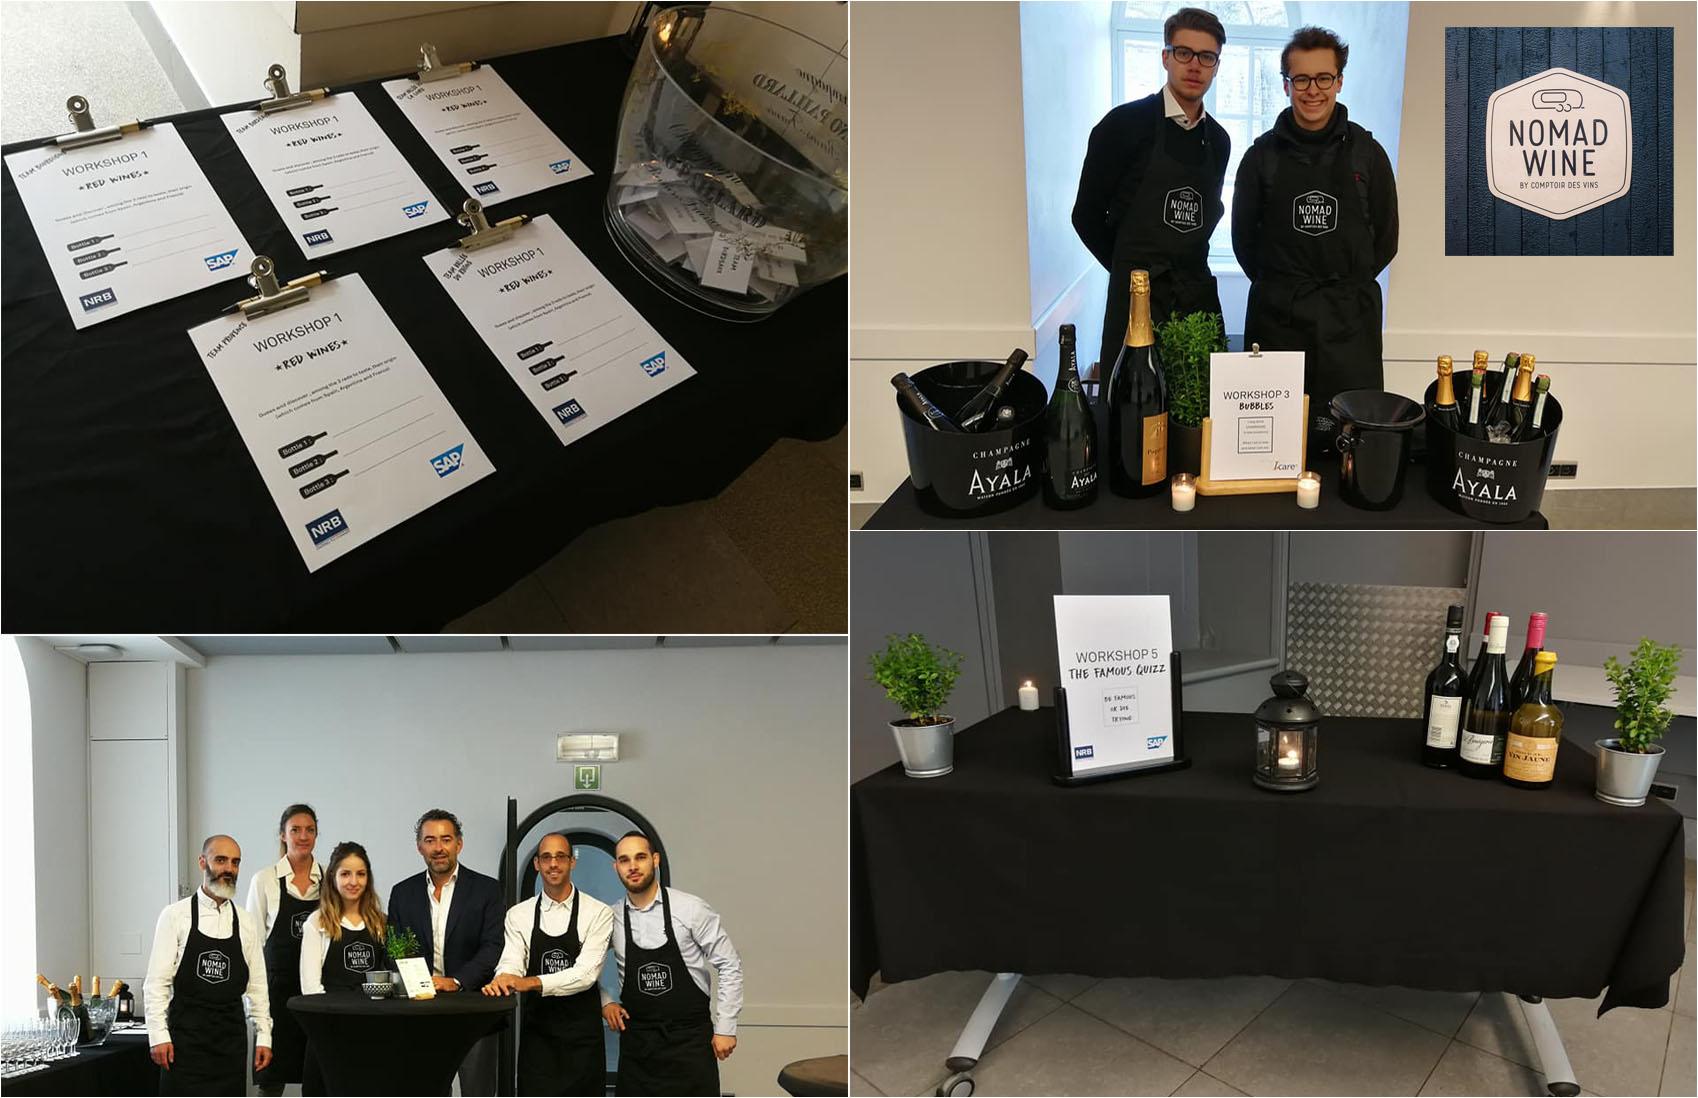 kwakoo-event-publication-news-teambuilding-nomad-wine